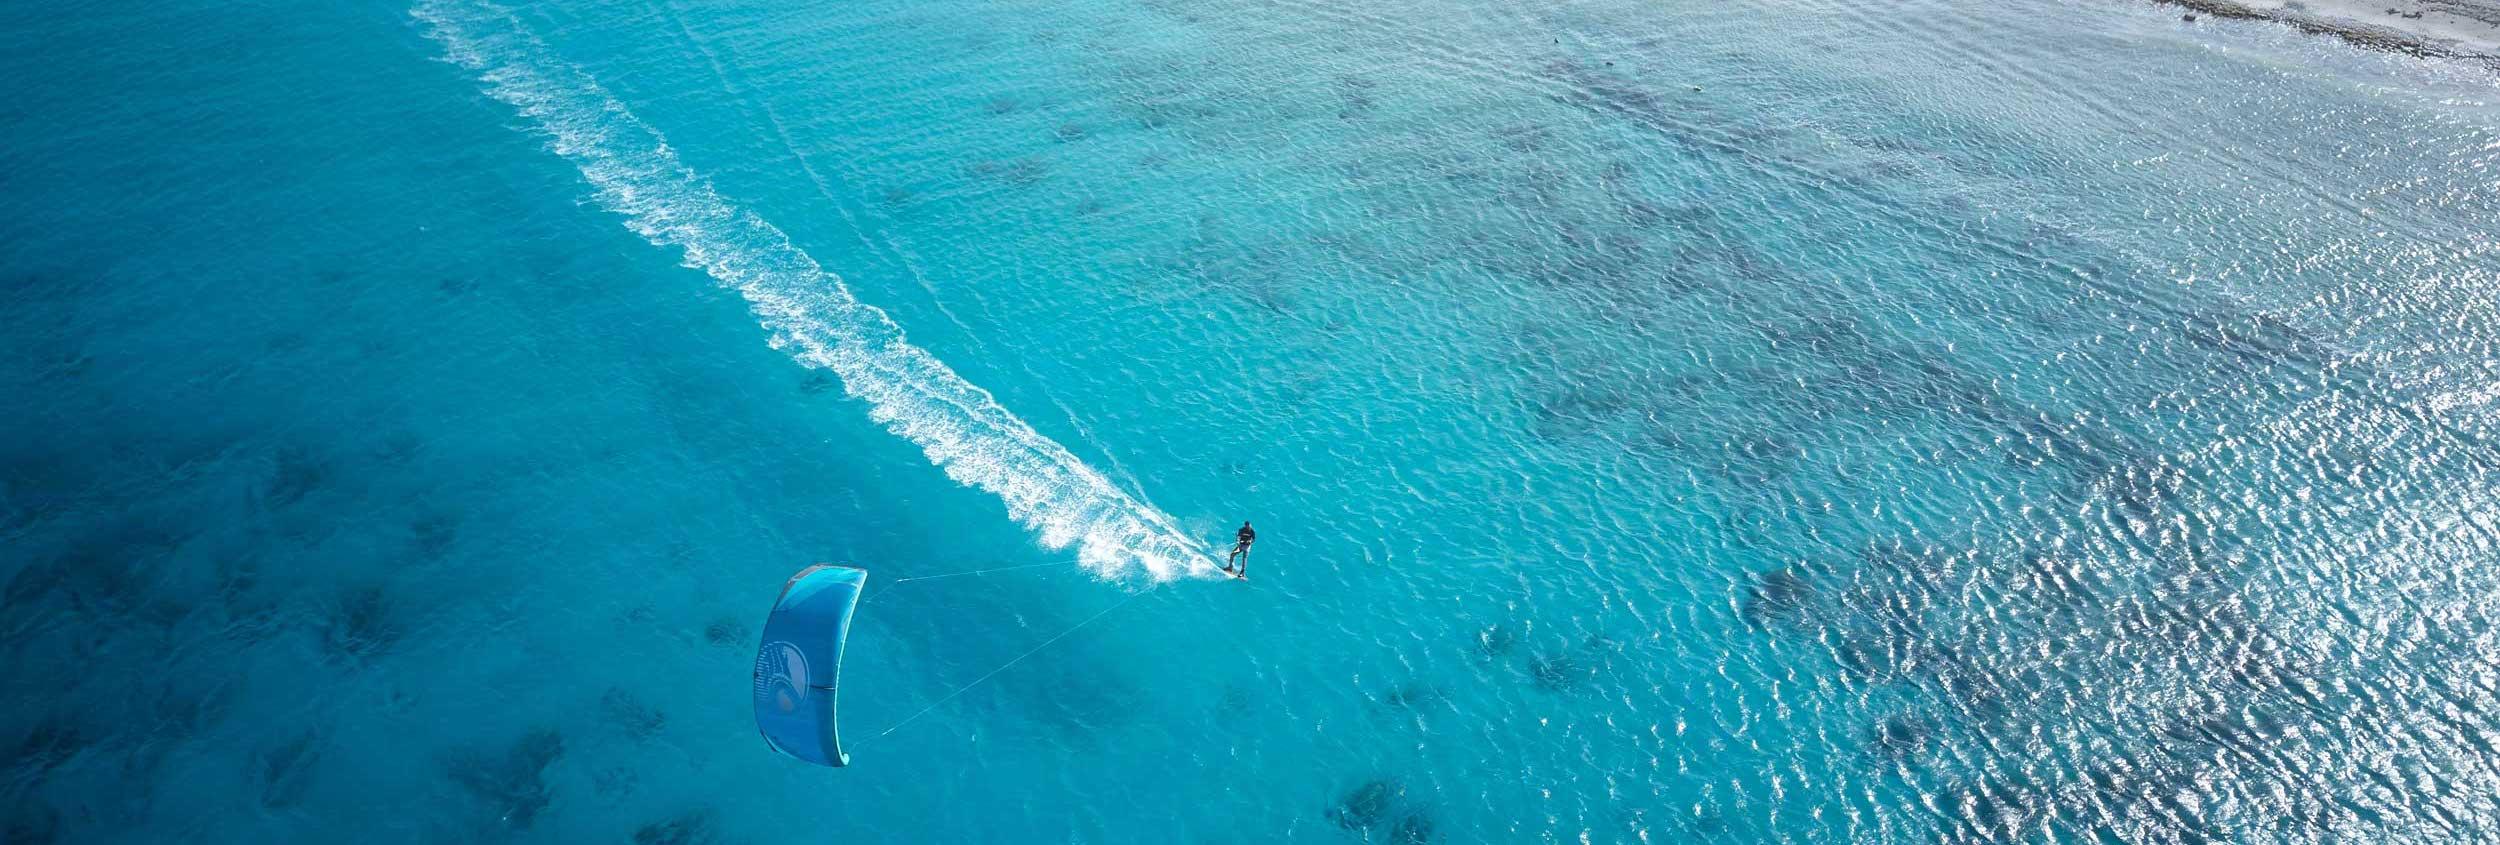 Kiteboarding Bonaire Atlantis Kitebeach